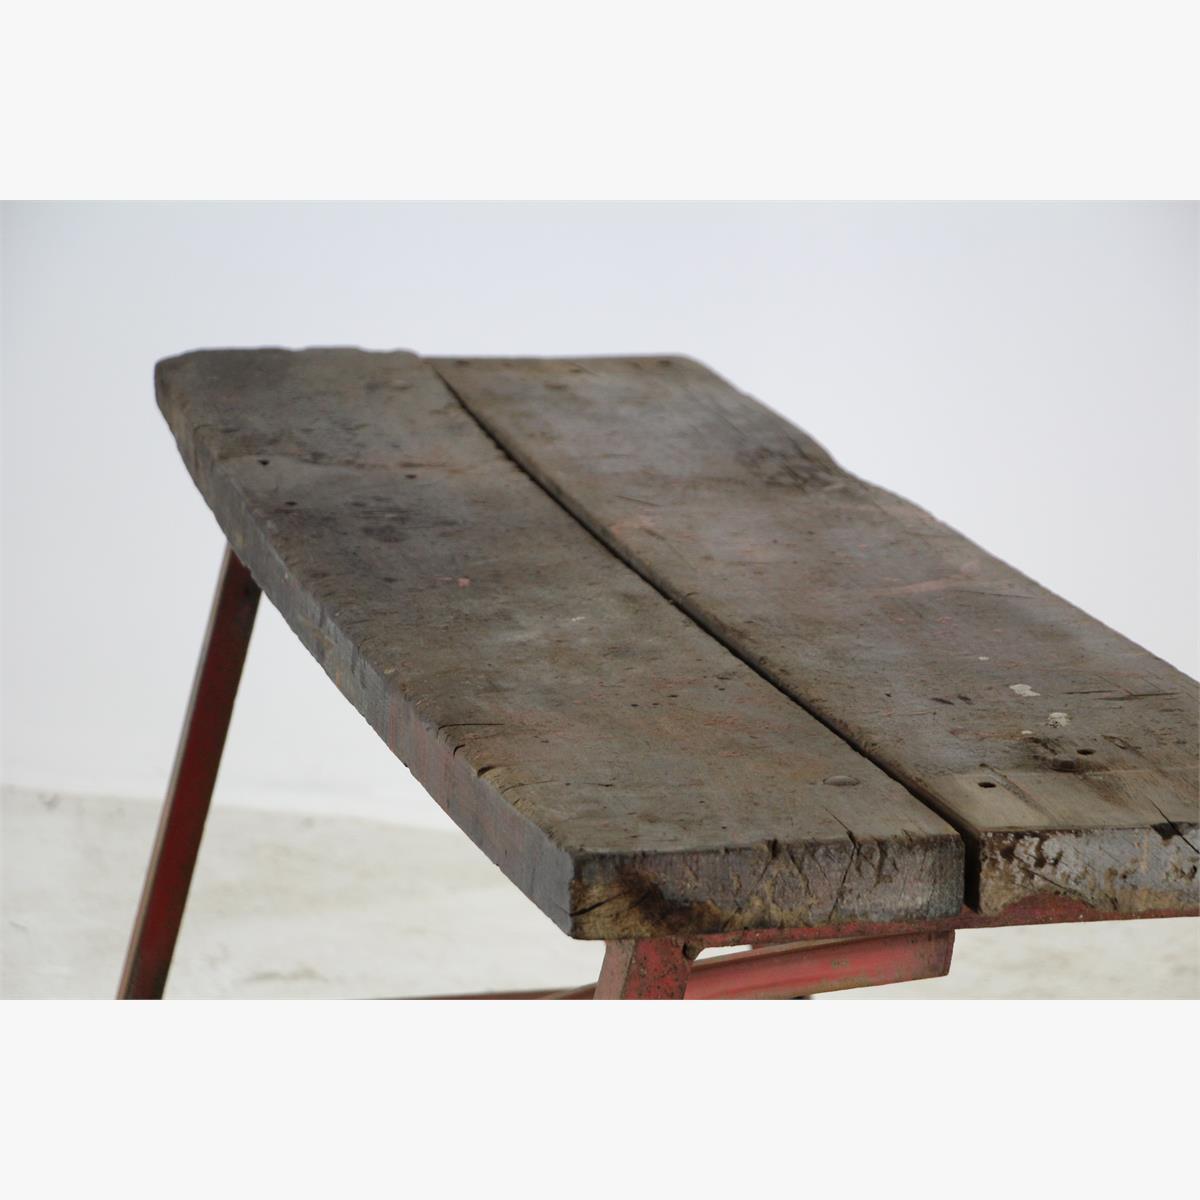 Afbeeldingen van kleine ijzeren werkbank met werkblad van 48 breed en 144 cm lang